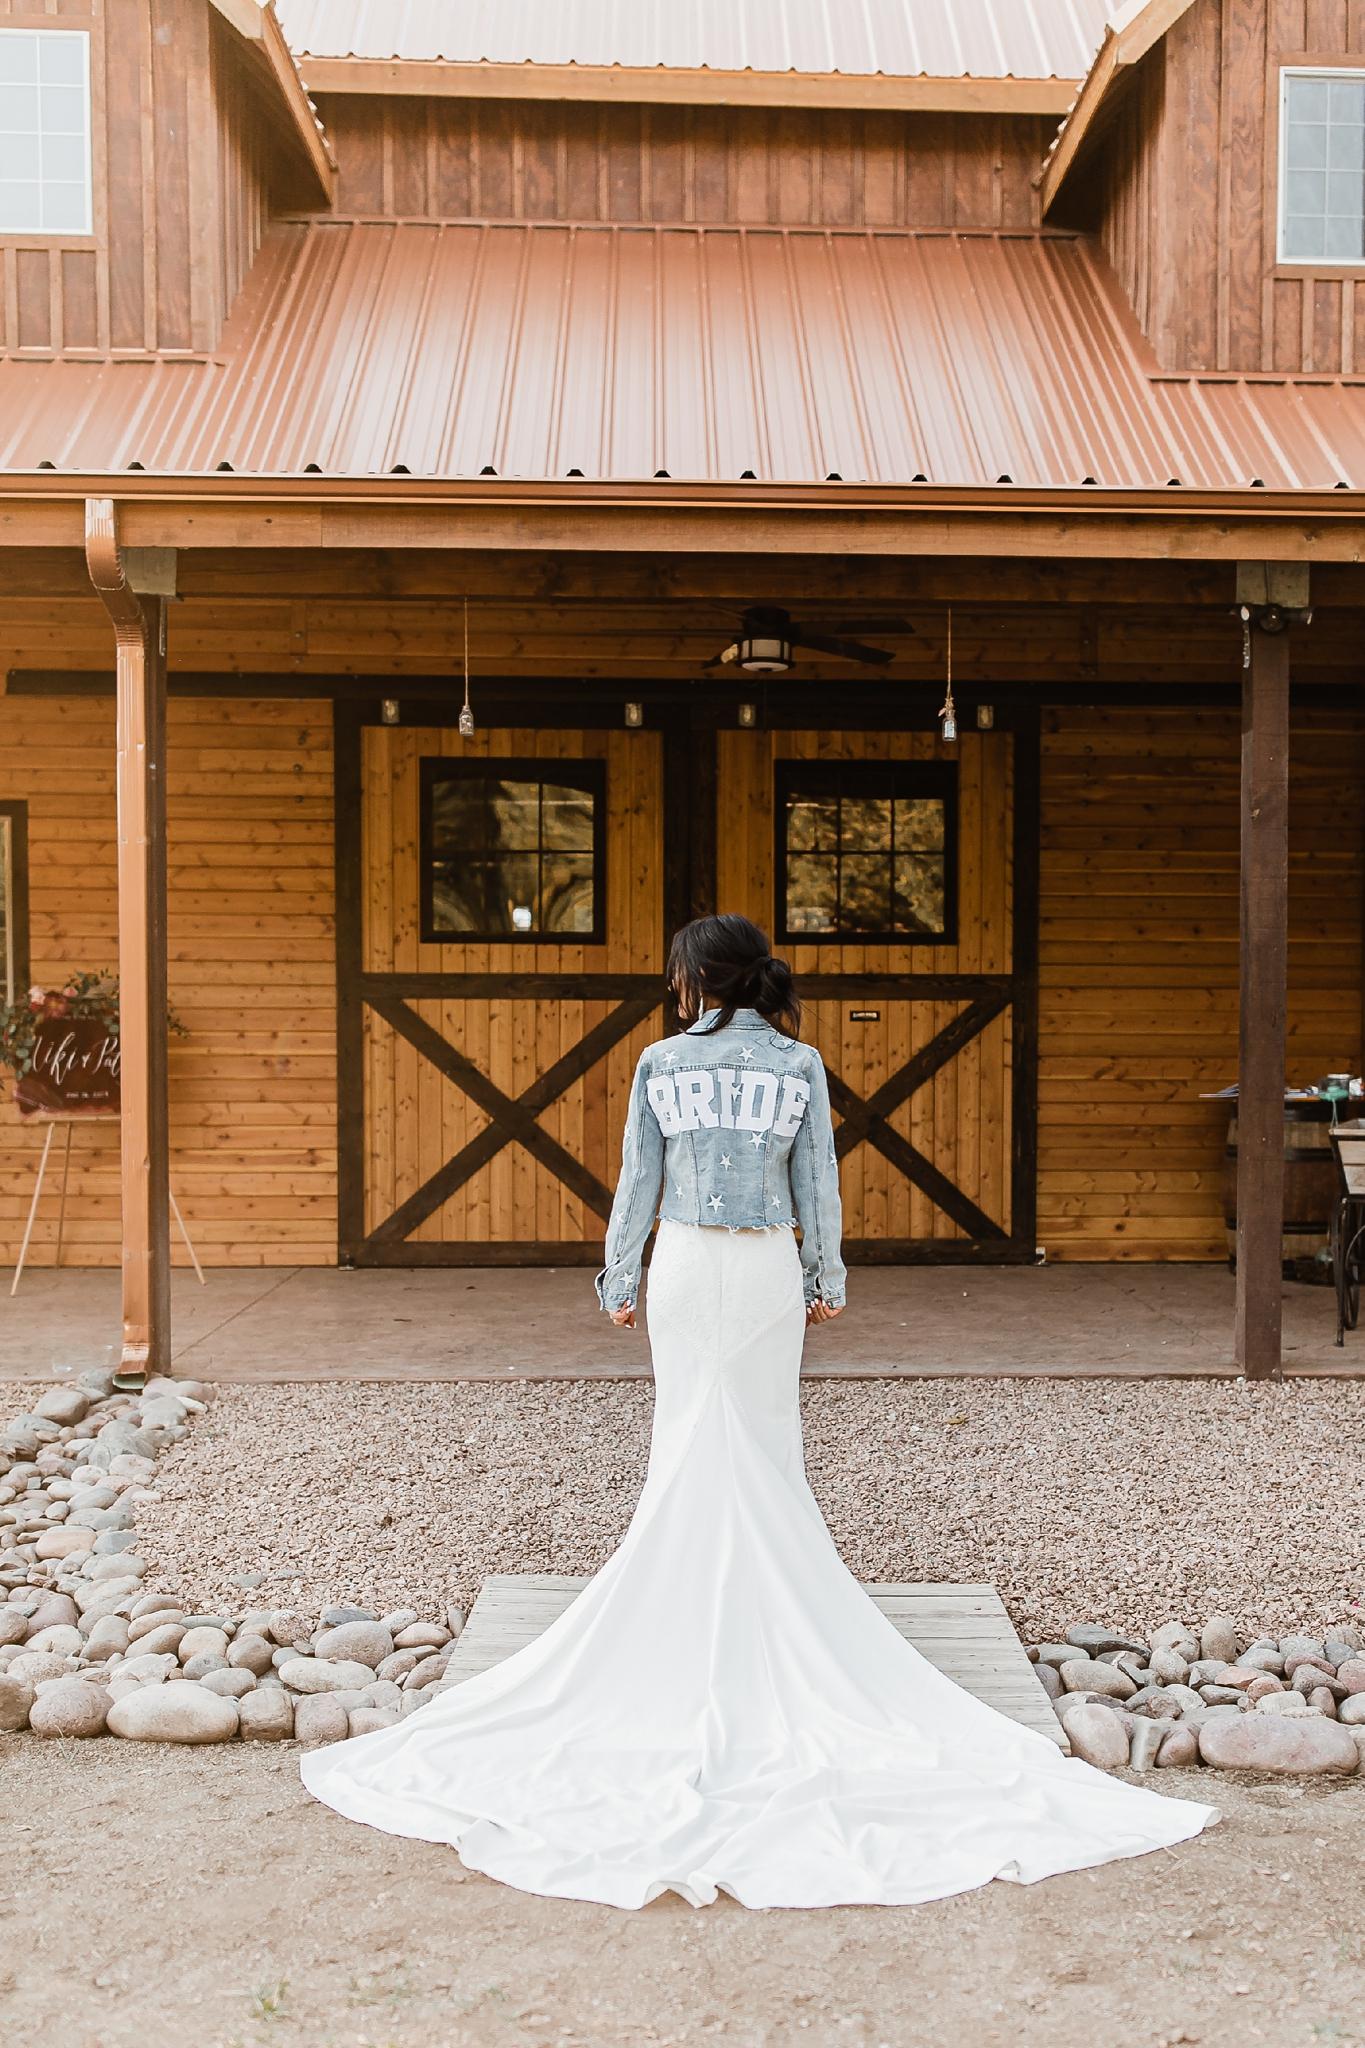 Alicia+lucia+photography+-+albuquerque+wedding+photographer+-+santa+fe+wedding+photography+-+new+mexico+wedding+photographer+-+new+mexico+wedding+-+new+mexico+wedding+-+barn+wedding+-+enchanted+vine+barn+wedding+-+ruidoso+wedding_0137.jpg